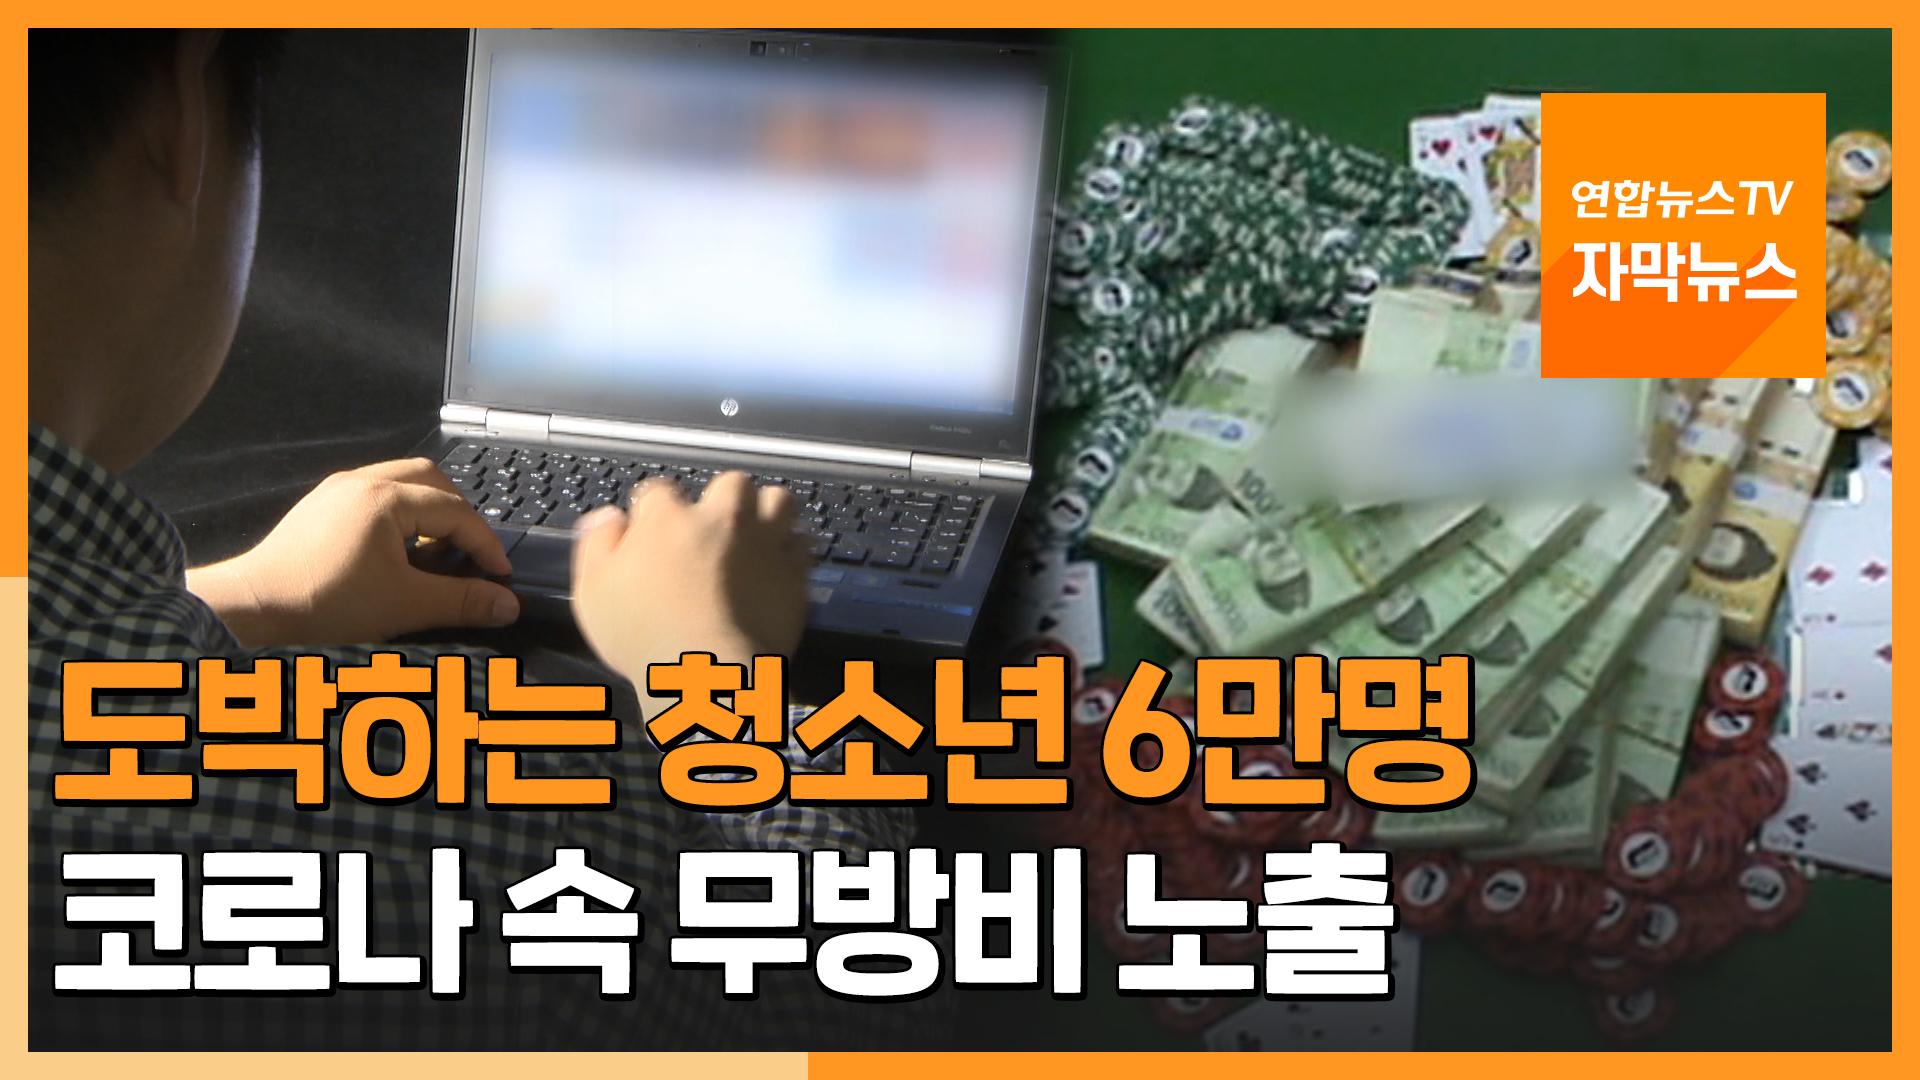 [자막뉴스] 도박하는 청소년 6만명…코로나 속 무방비 노출